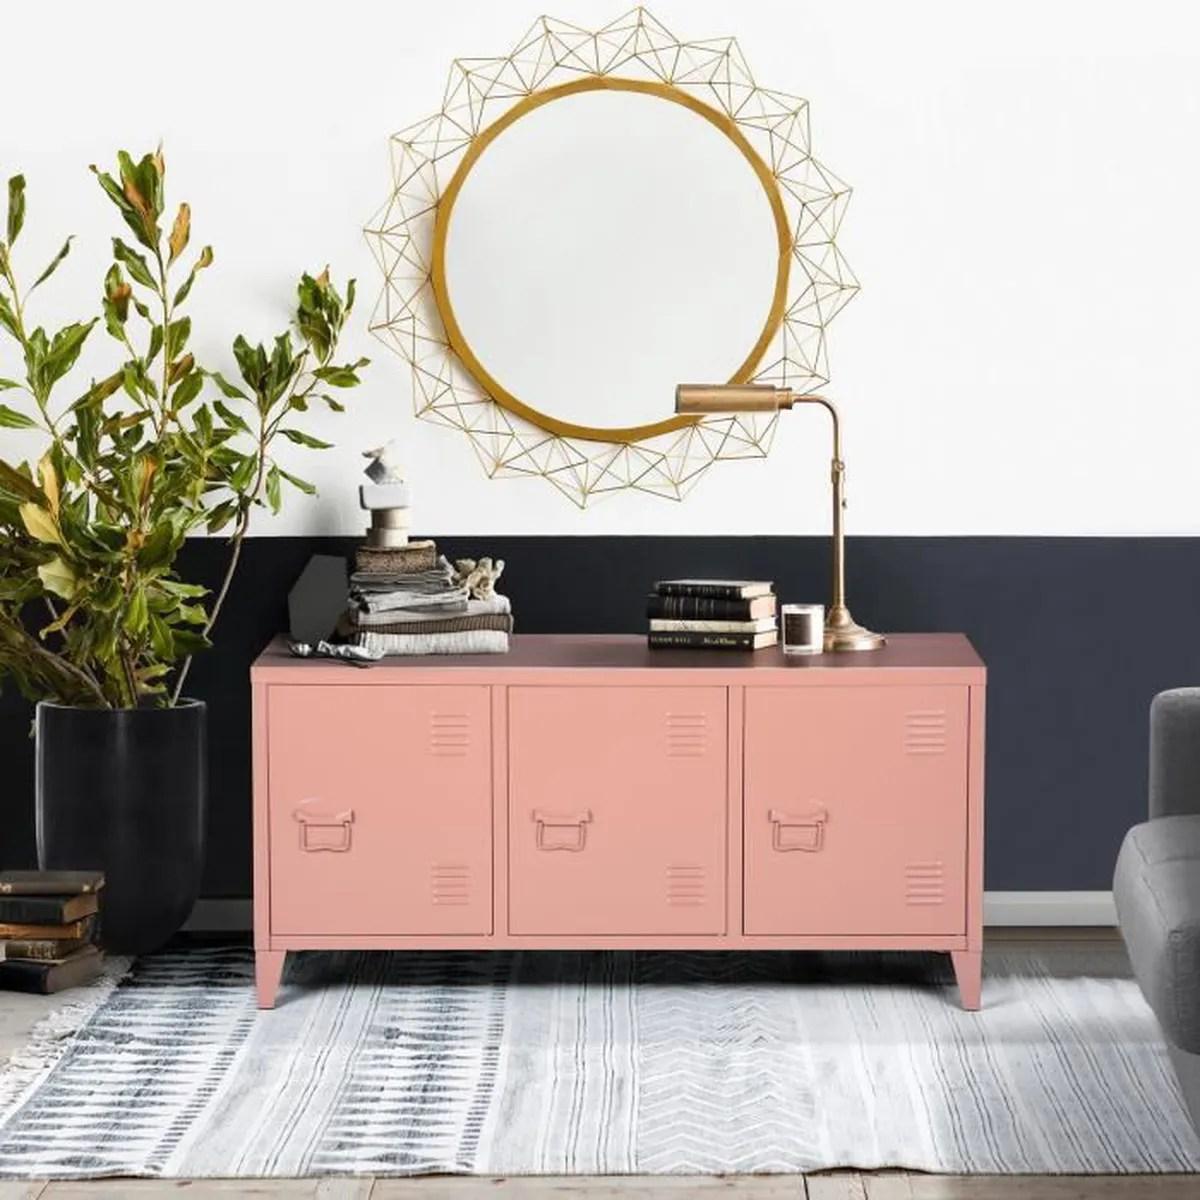 casier furniturer meuble tv meuble